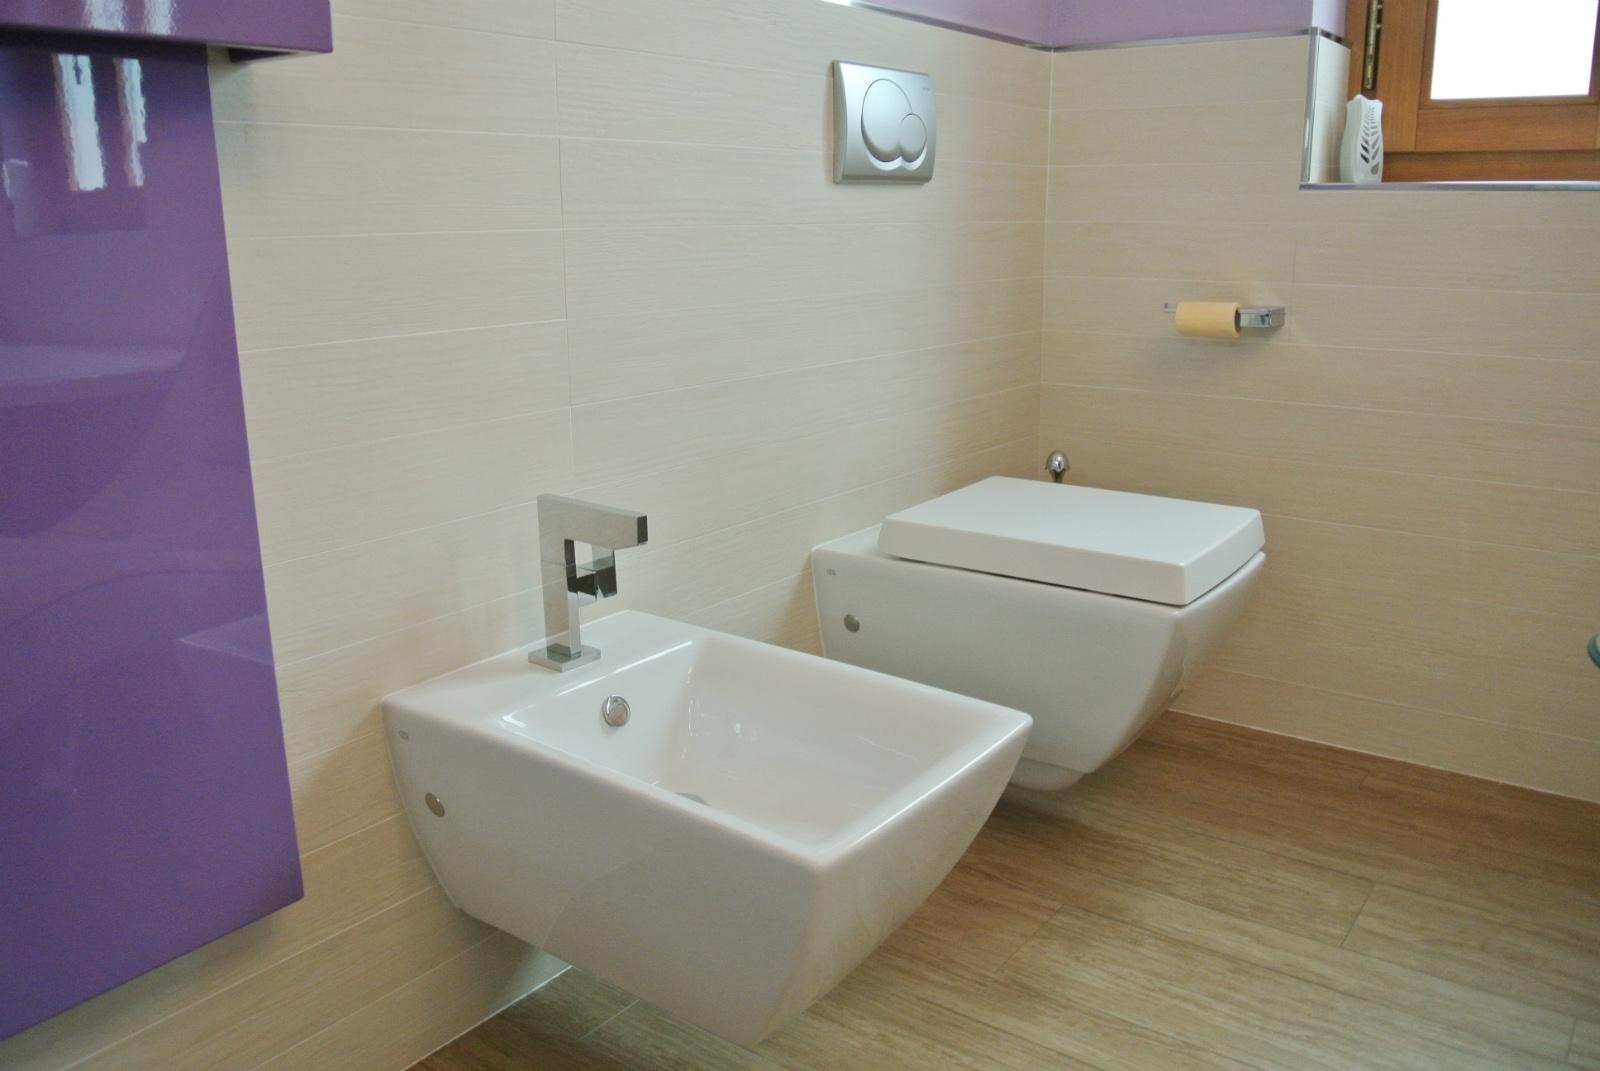 sintesibagno-verbania-svizzera-canton-ticino-vaso-bidet-sospeside-dimensione-bagno-completo-arredobagno